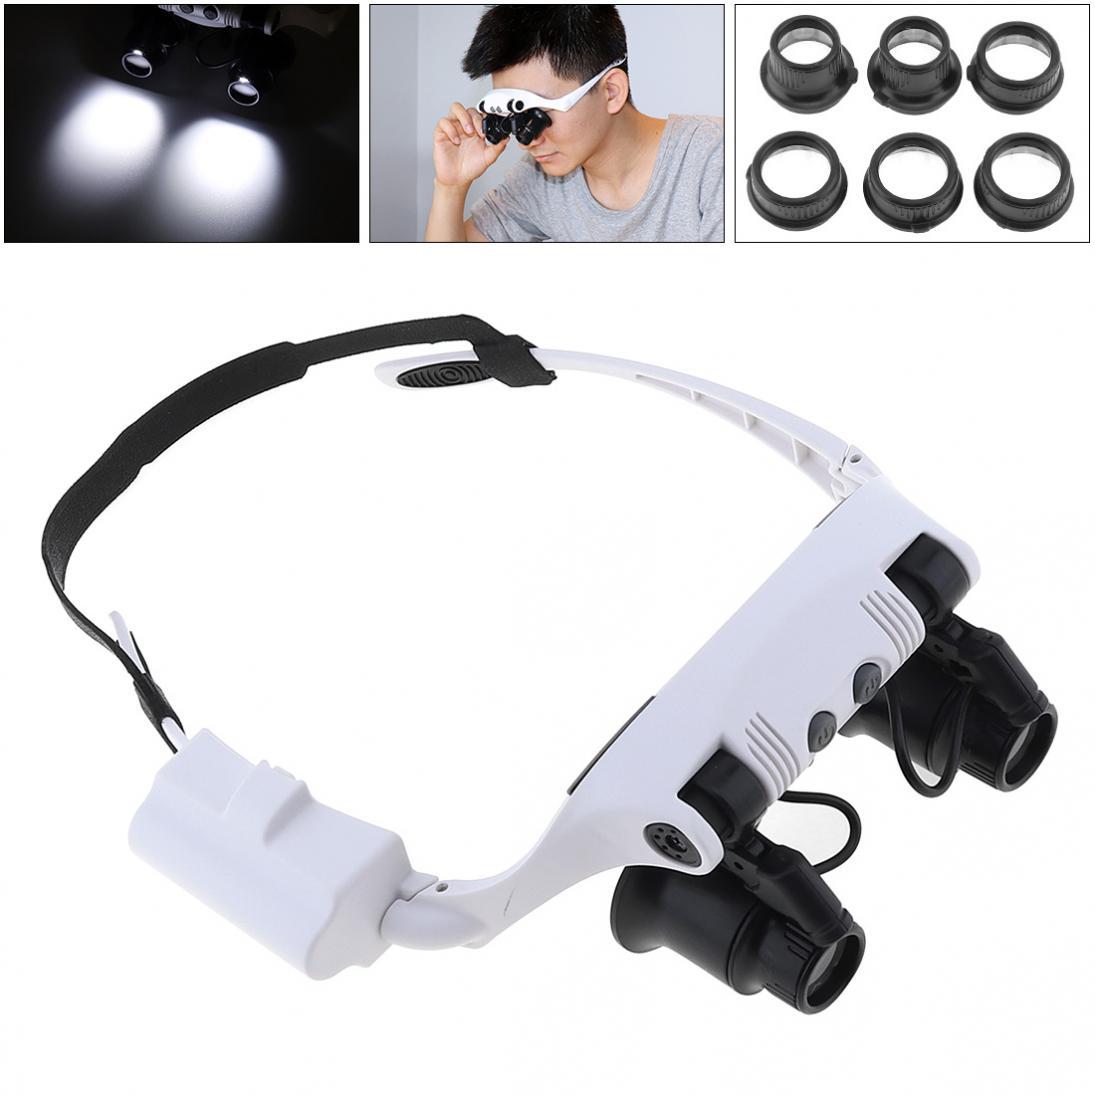 df2e5e8e46353 Headband 10X 15X 20X 25X LED Luz Óculos Lupa Relojoeiro Jóias Lupa Lupa  Lente de Vidro Óptico Instrumento